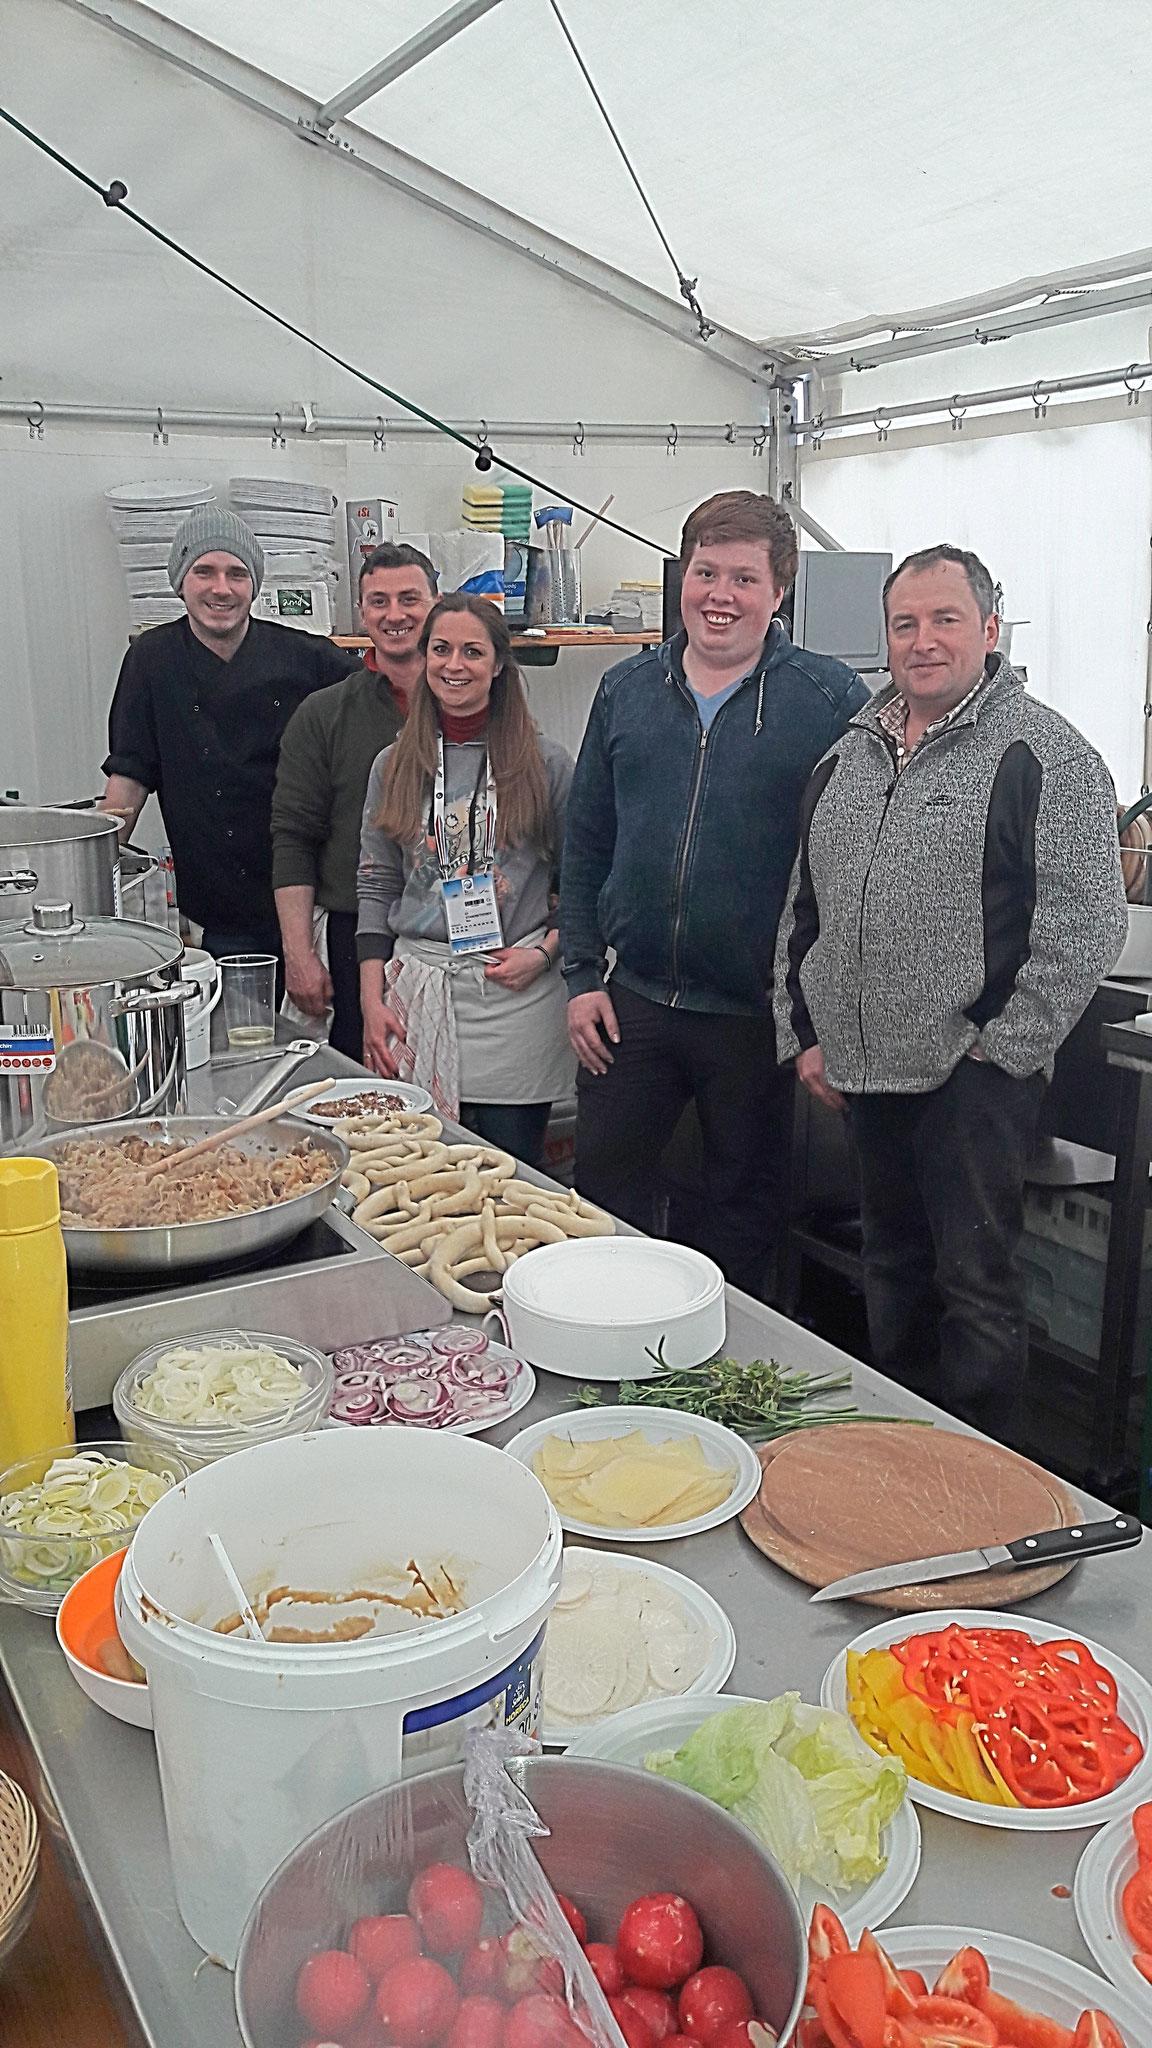 Sepp, Hansi, Ketty und Valentino und last but not least unser Koch Manfred. Die Crew zur zweiten Halbzeit ebenfalls mehr als ein Glücksgriff!